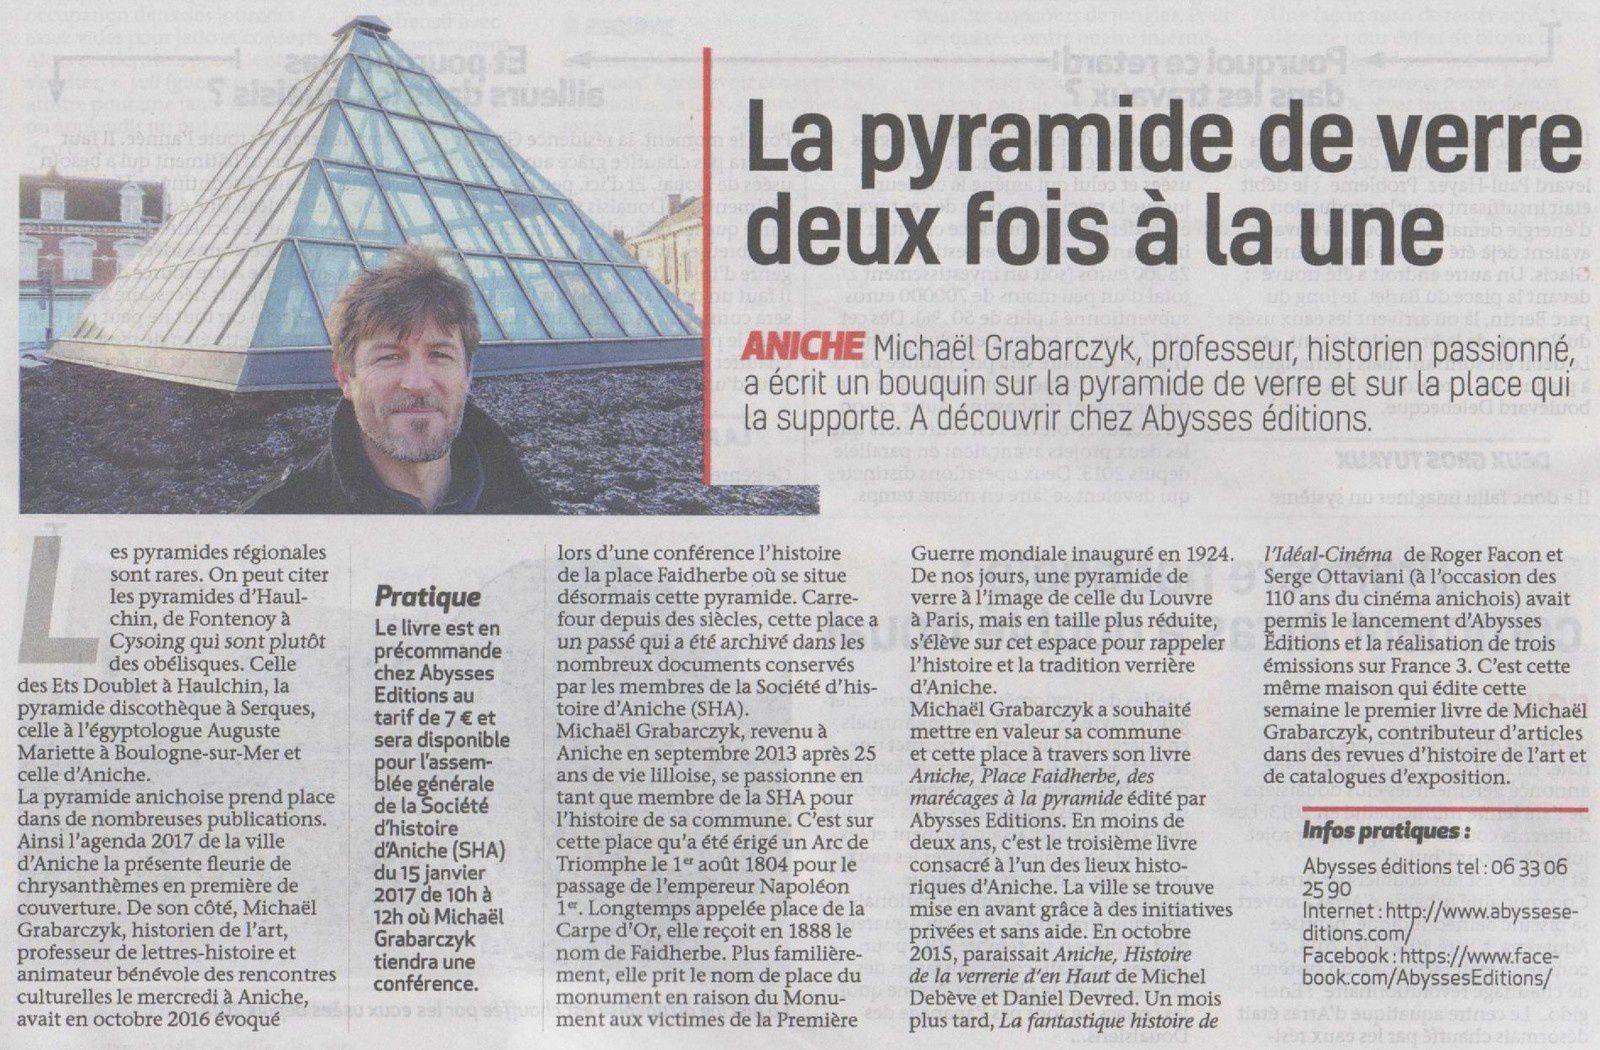 L'Observateur du Douaisis - 5 janvier 2017.